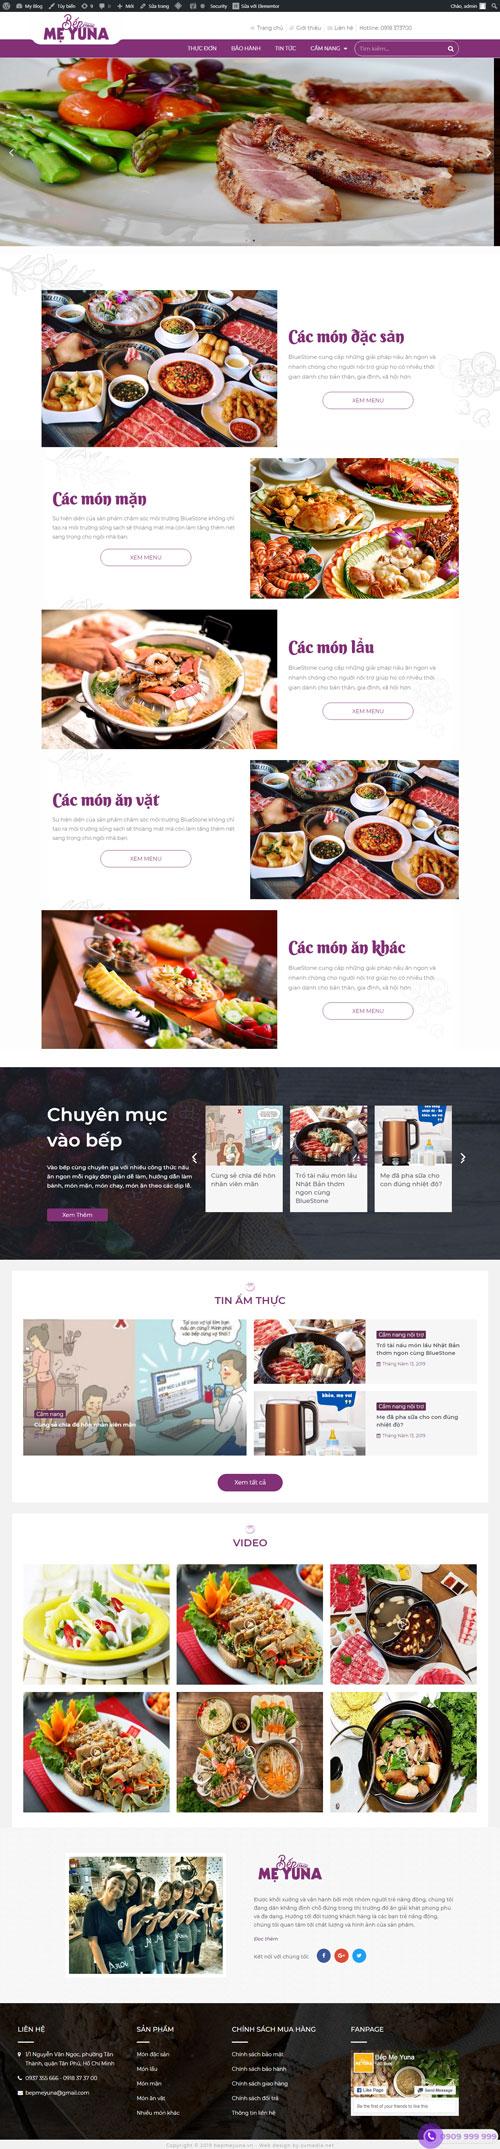 Website bán đồ ăn Mẹ Yuna 1